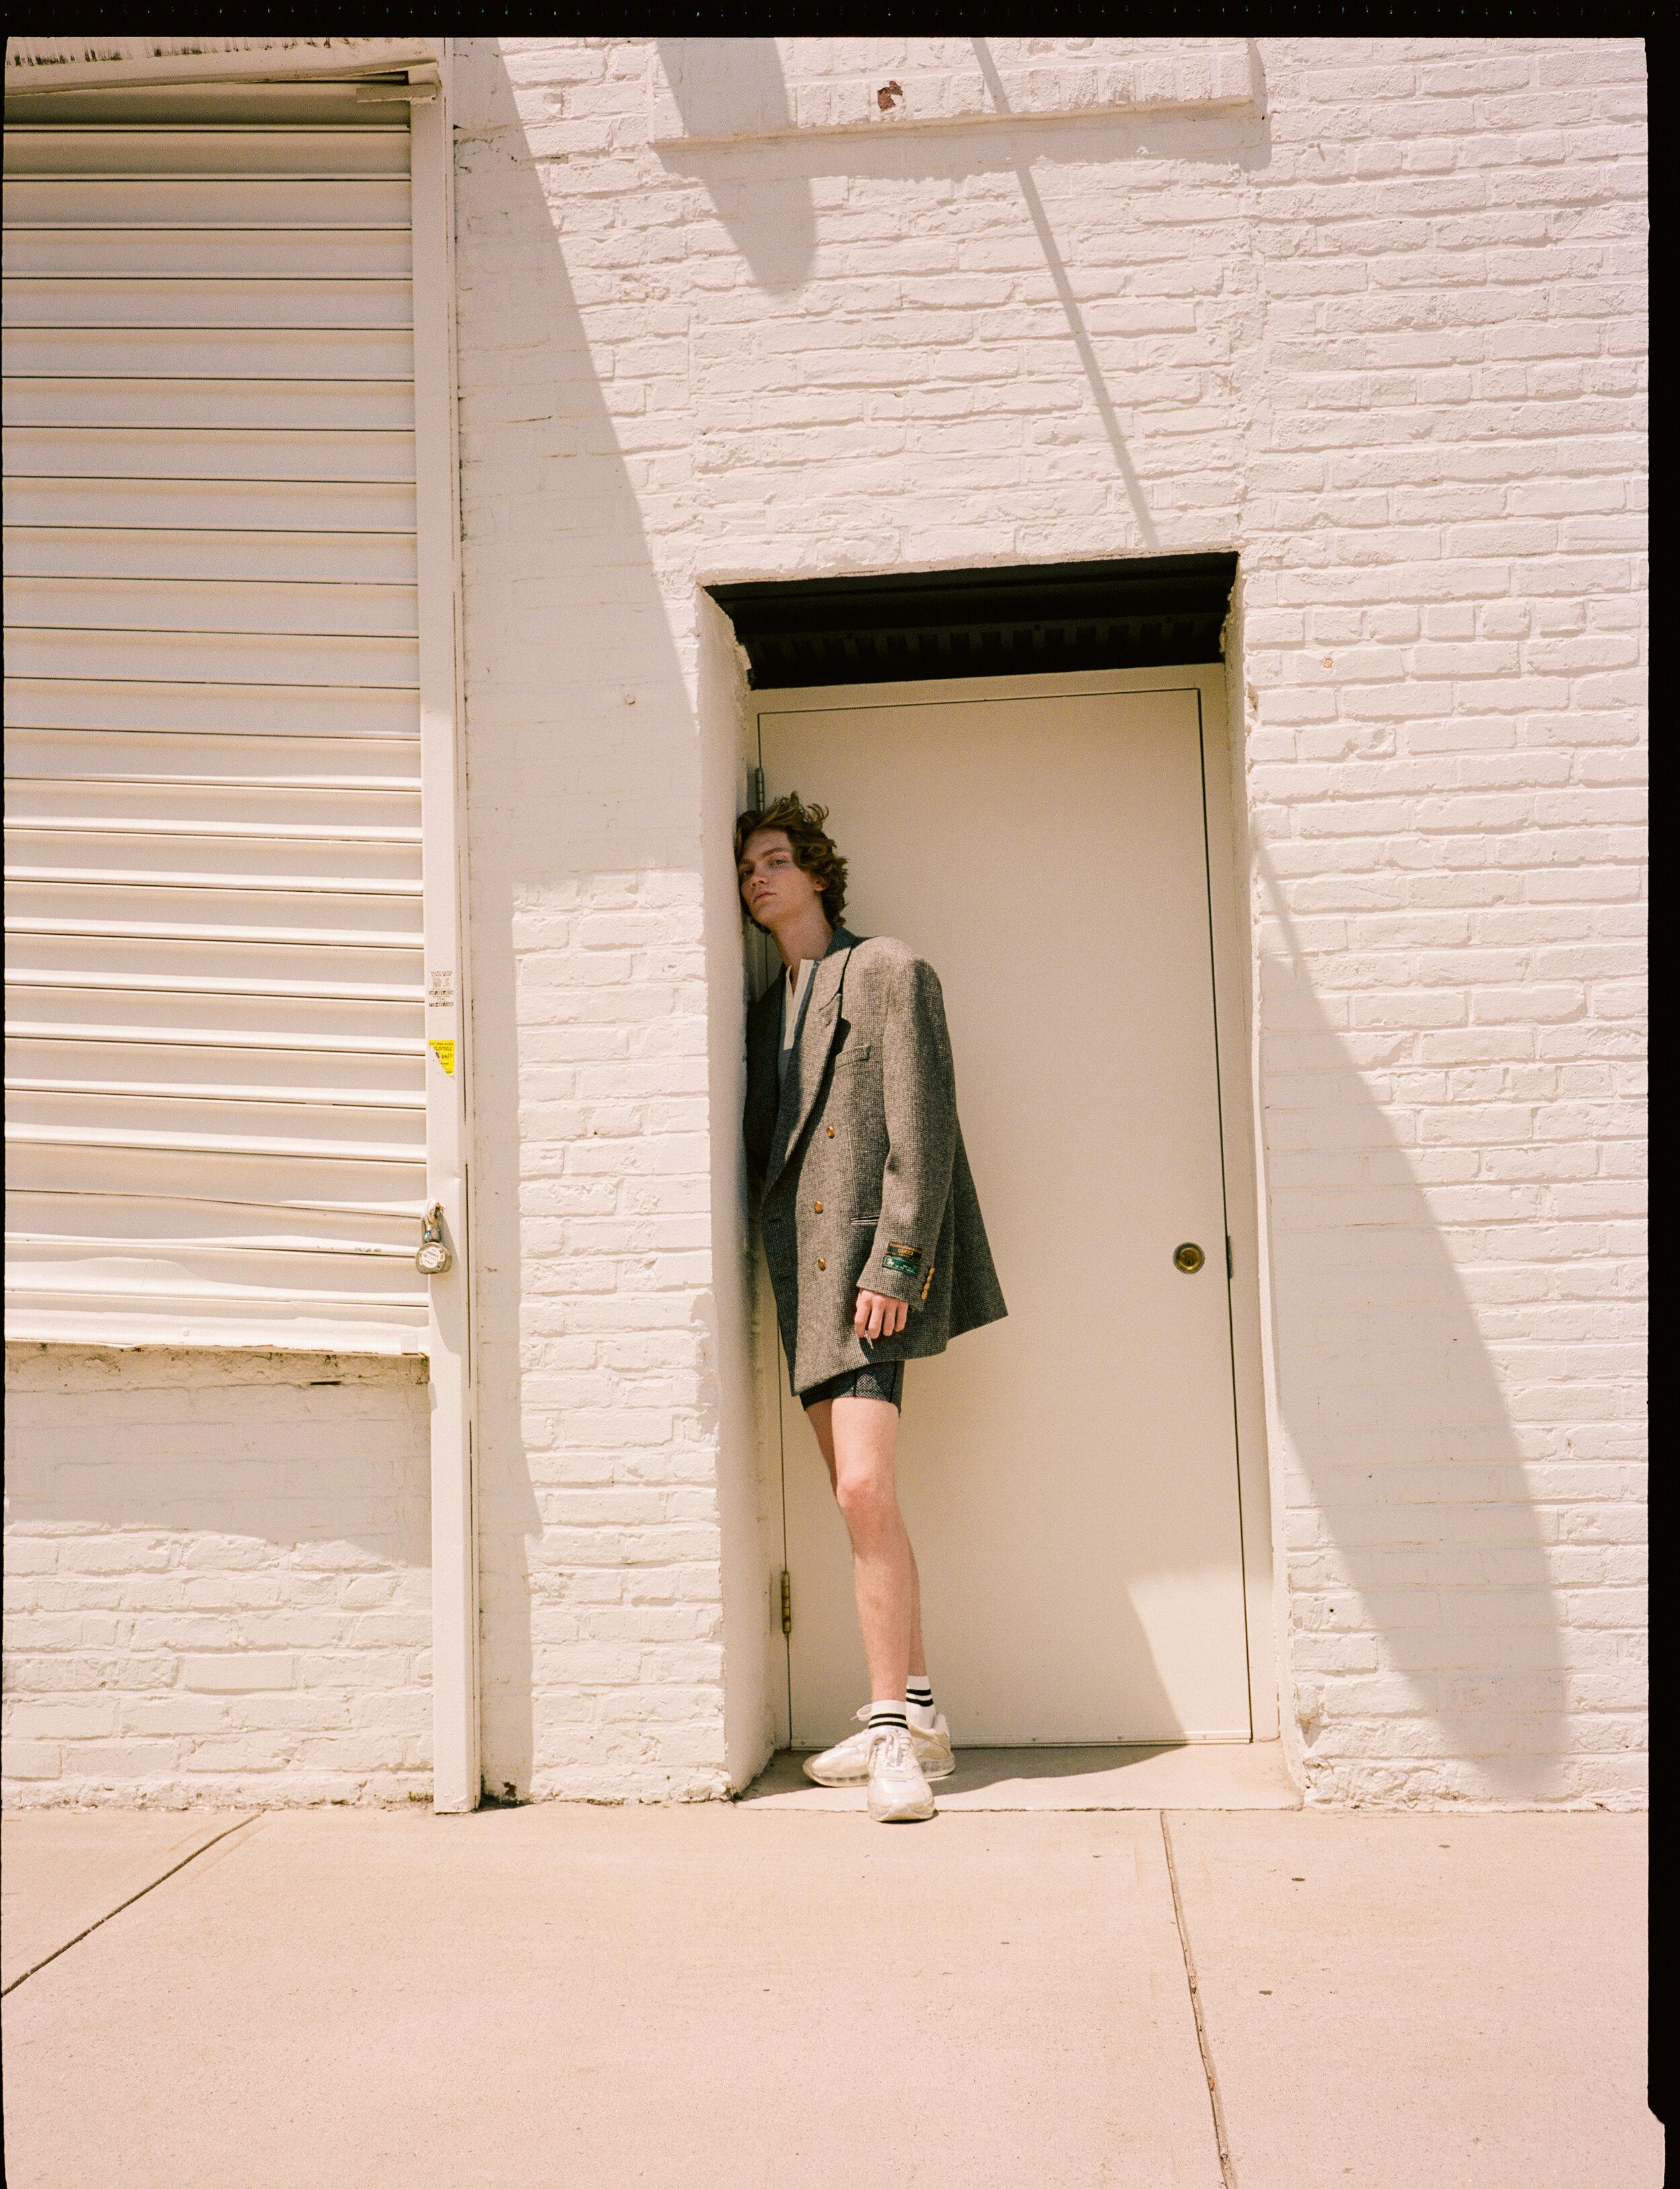 Coat  GUCCI  Top  BALLY  Shorts and Shoes  ALEXANDER WANG